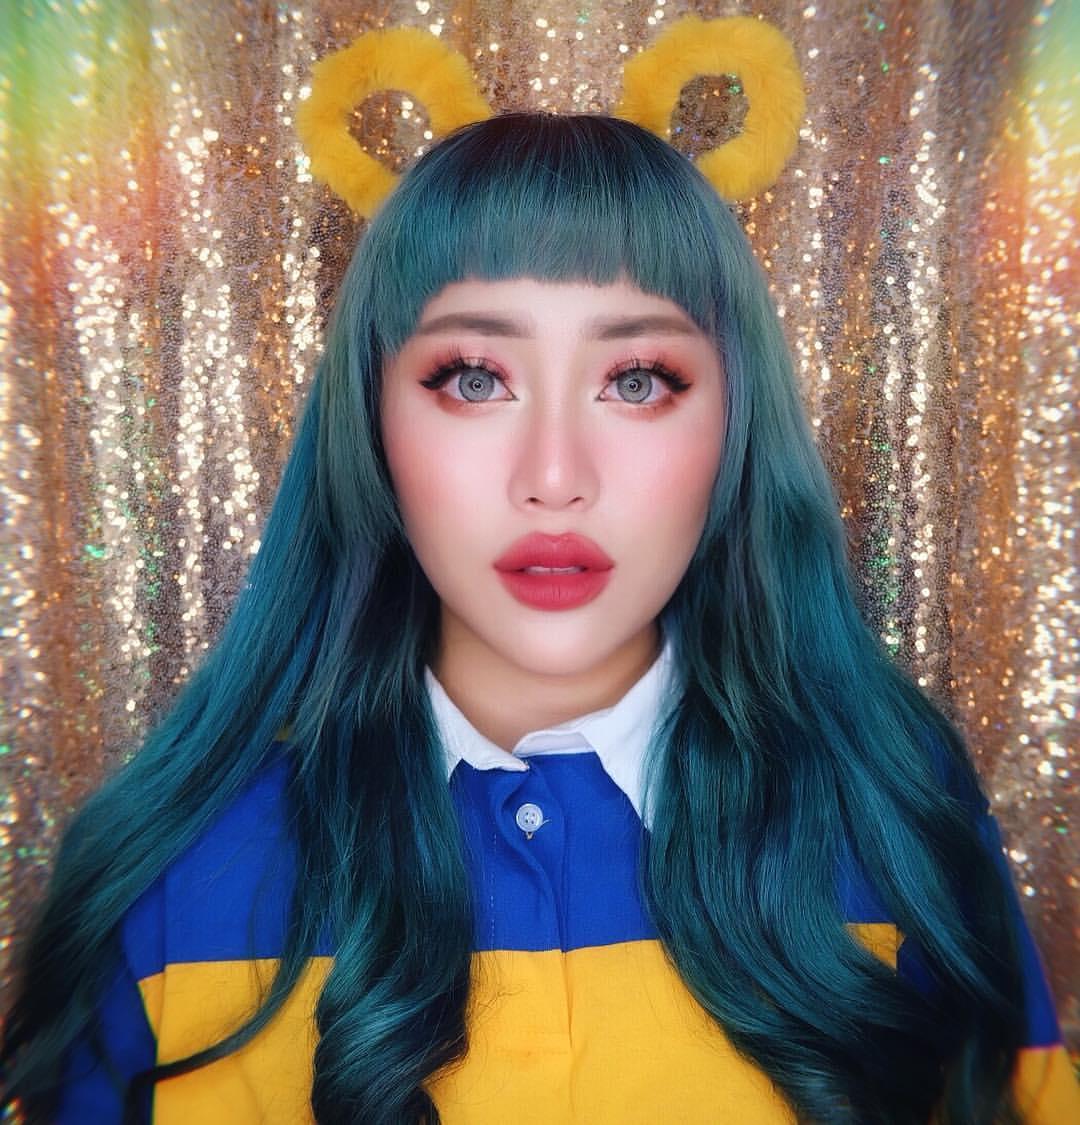 10 Potret Janine Intansari, influencer beralis dan rambut warna-warni